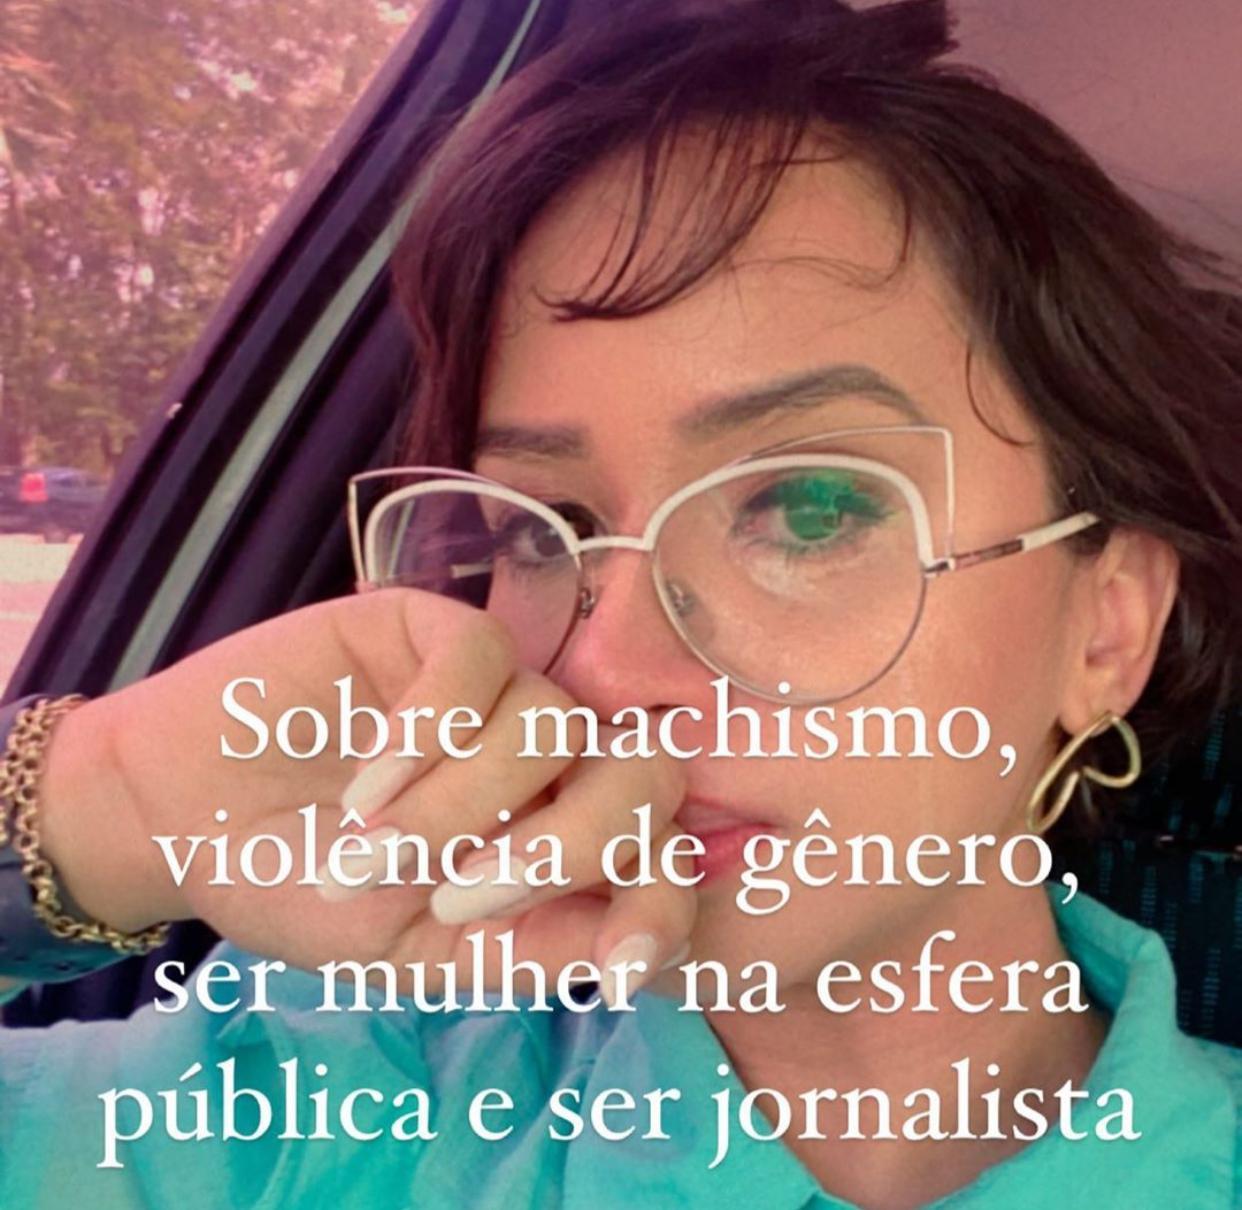 Jornalista Sávia Barreto desabafou sobre o ocorrido em suas redes sociais.